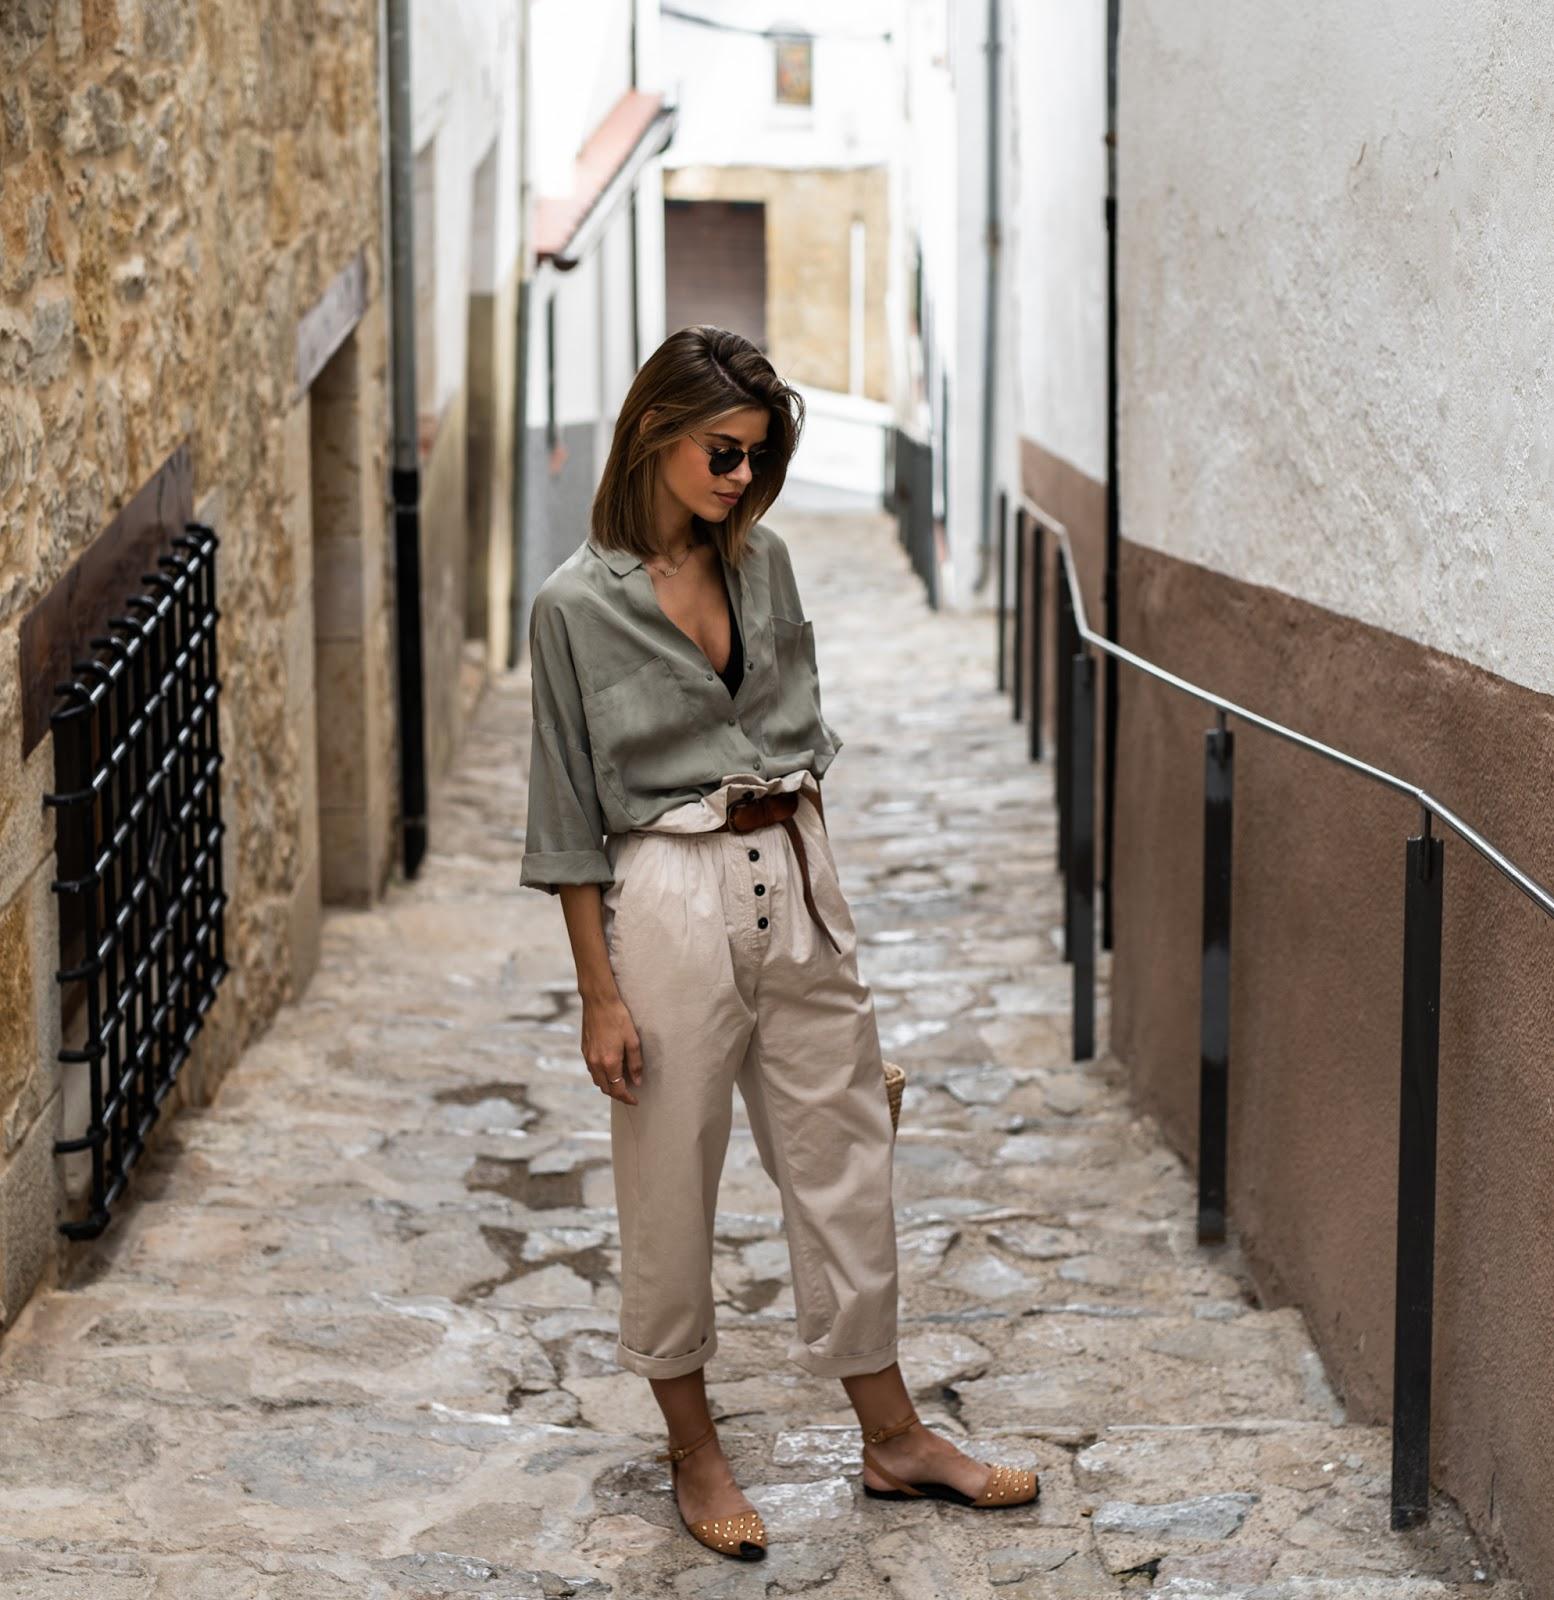 Thời trang mùa Hè với quần baggy đũi và áo sơ mi phom rộng